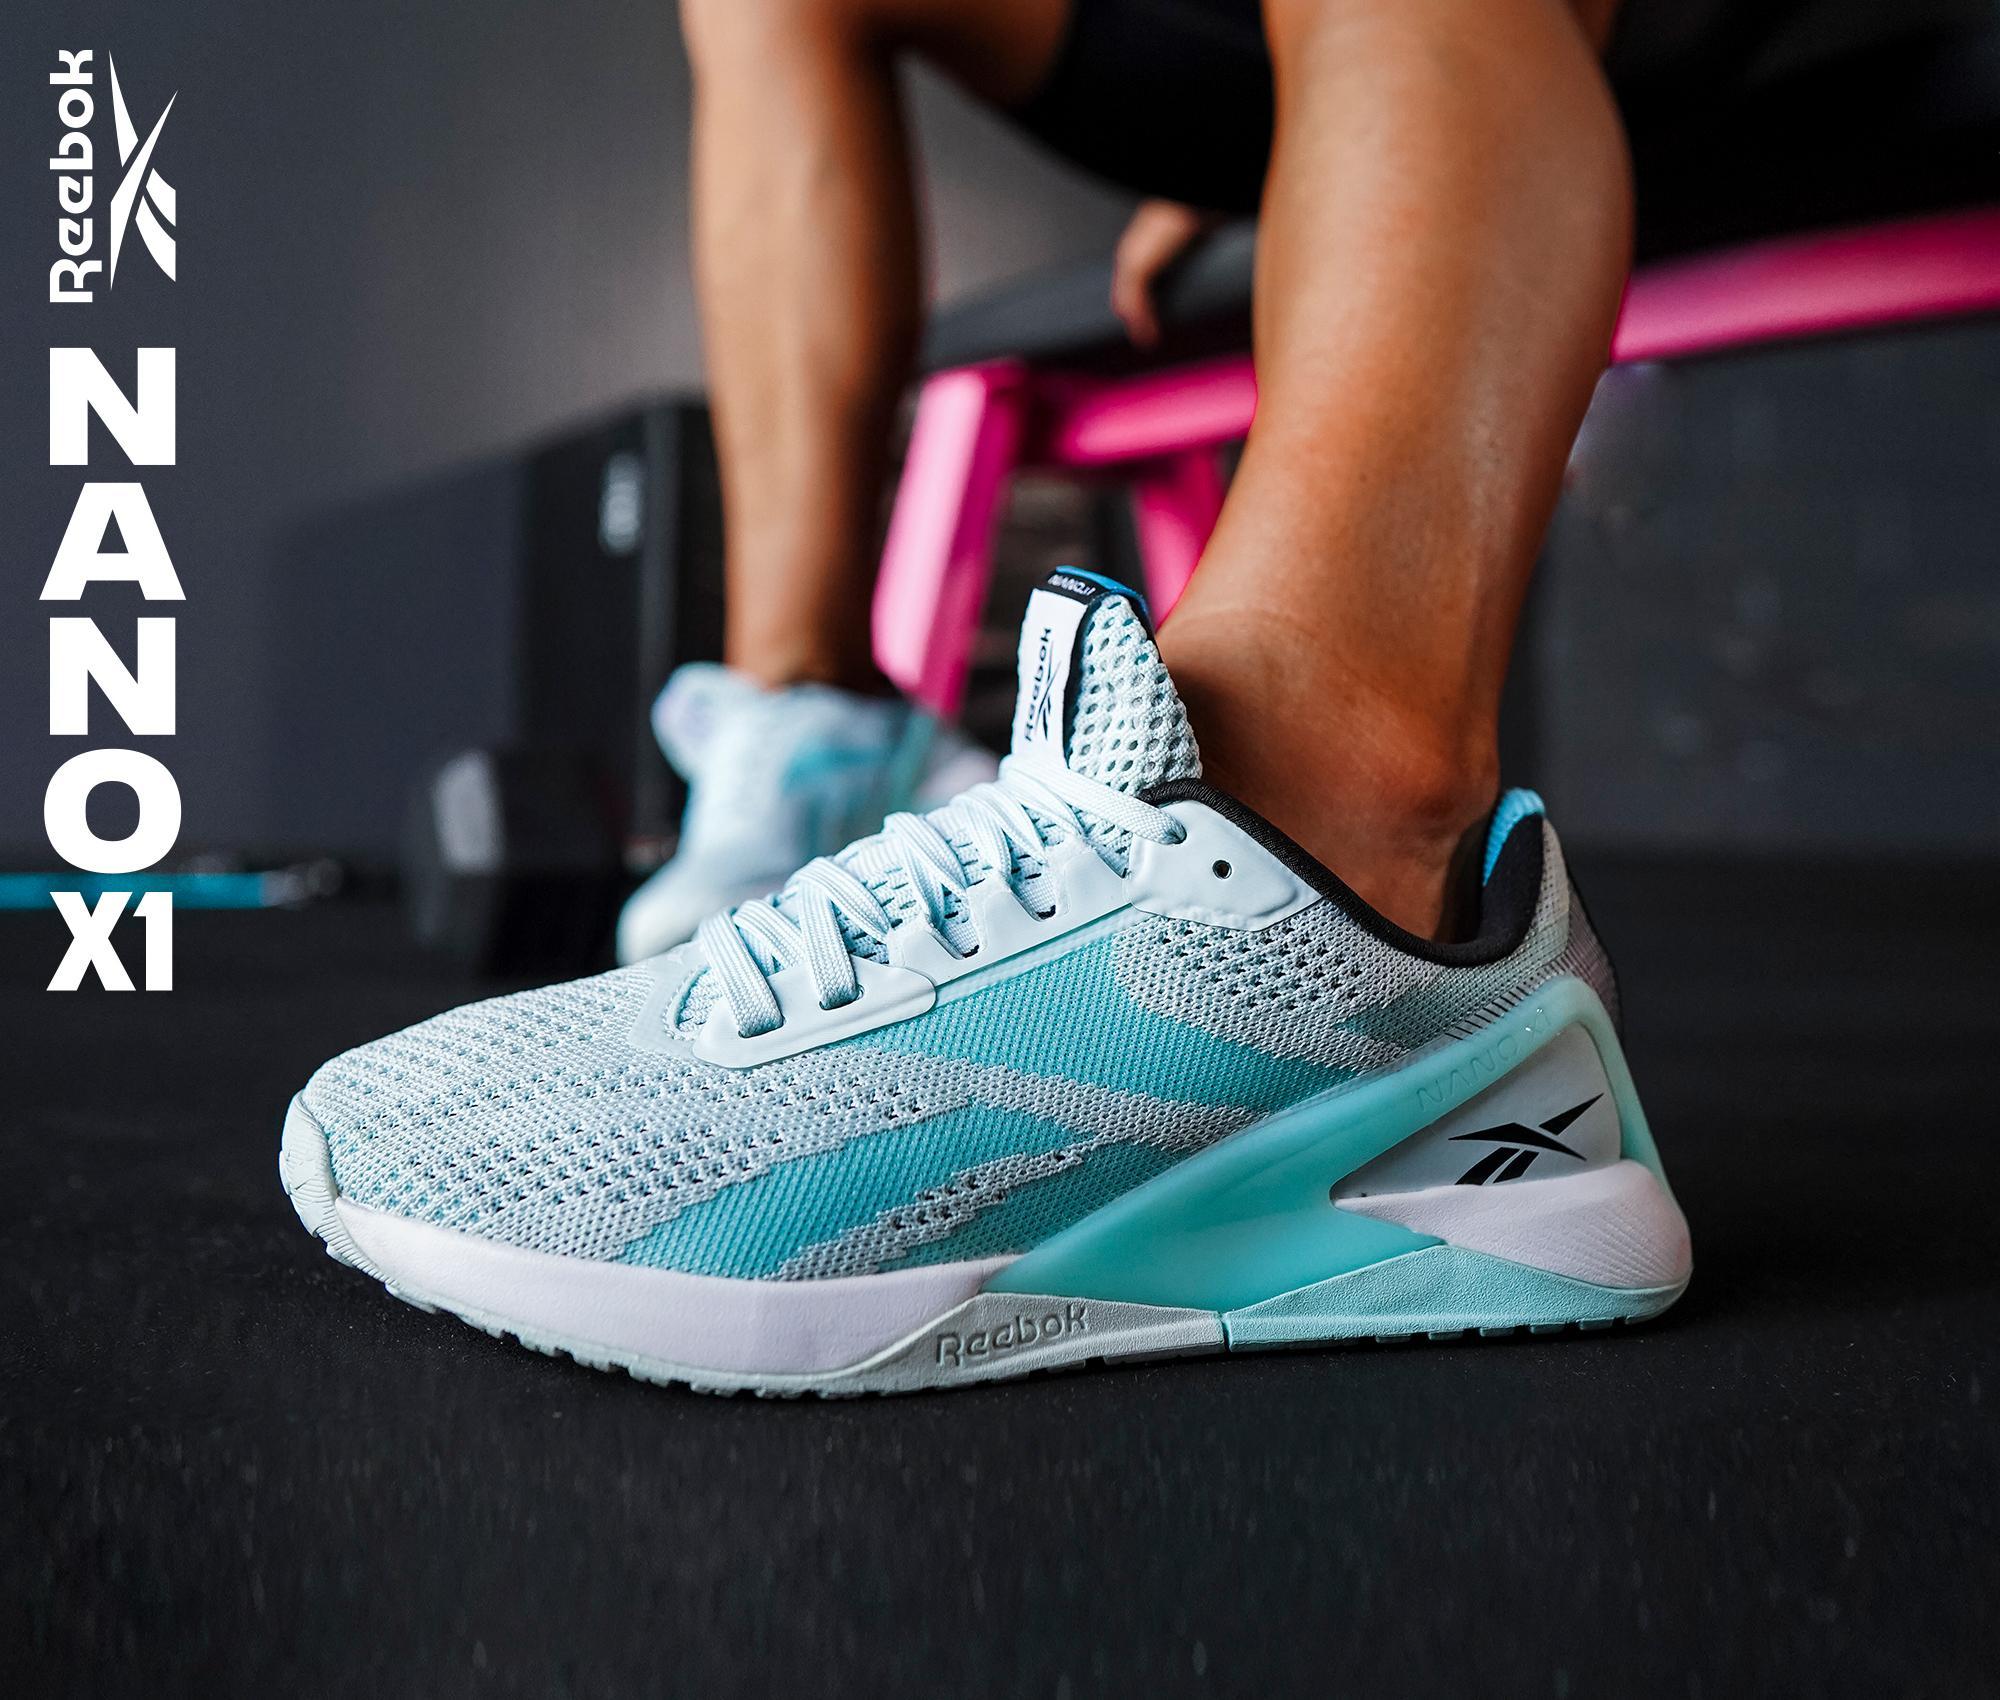 Huhu833 Damen Turnschuhe Atmungsaktiv Laufschuhe Leichtgewichts Sportschuhe Freizeitschuhe Stra/ßenlaufschuhe Sneaker Trainer f/ür Outdoor Fitness Gym Walkingschuhe Sneakers